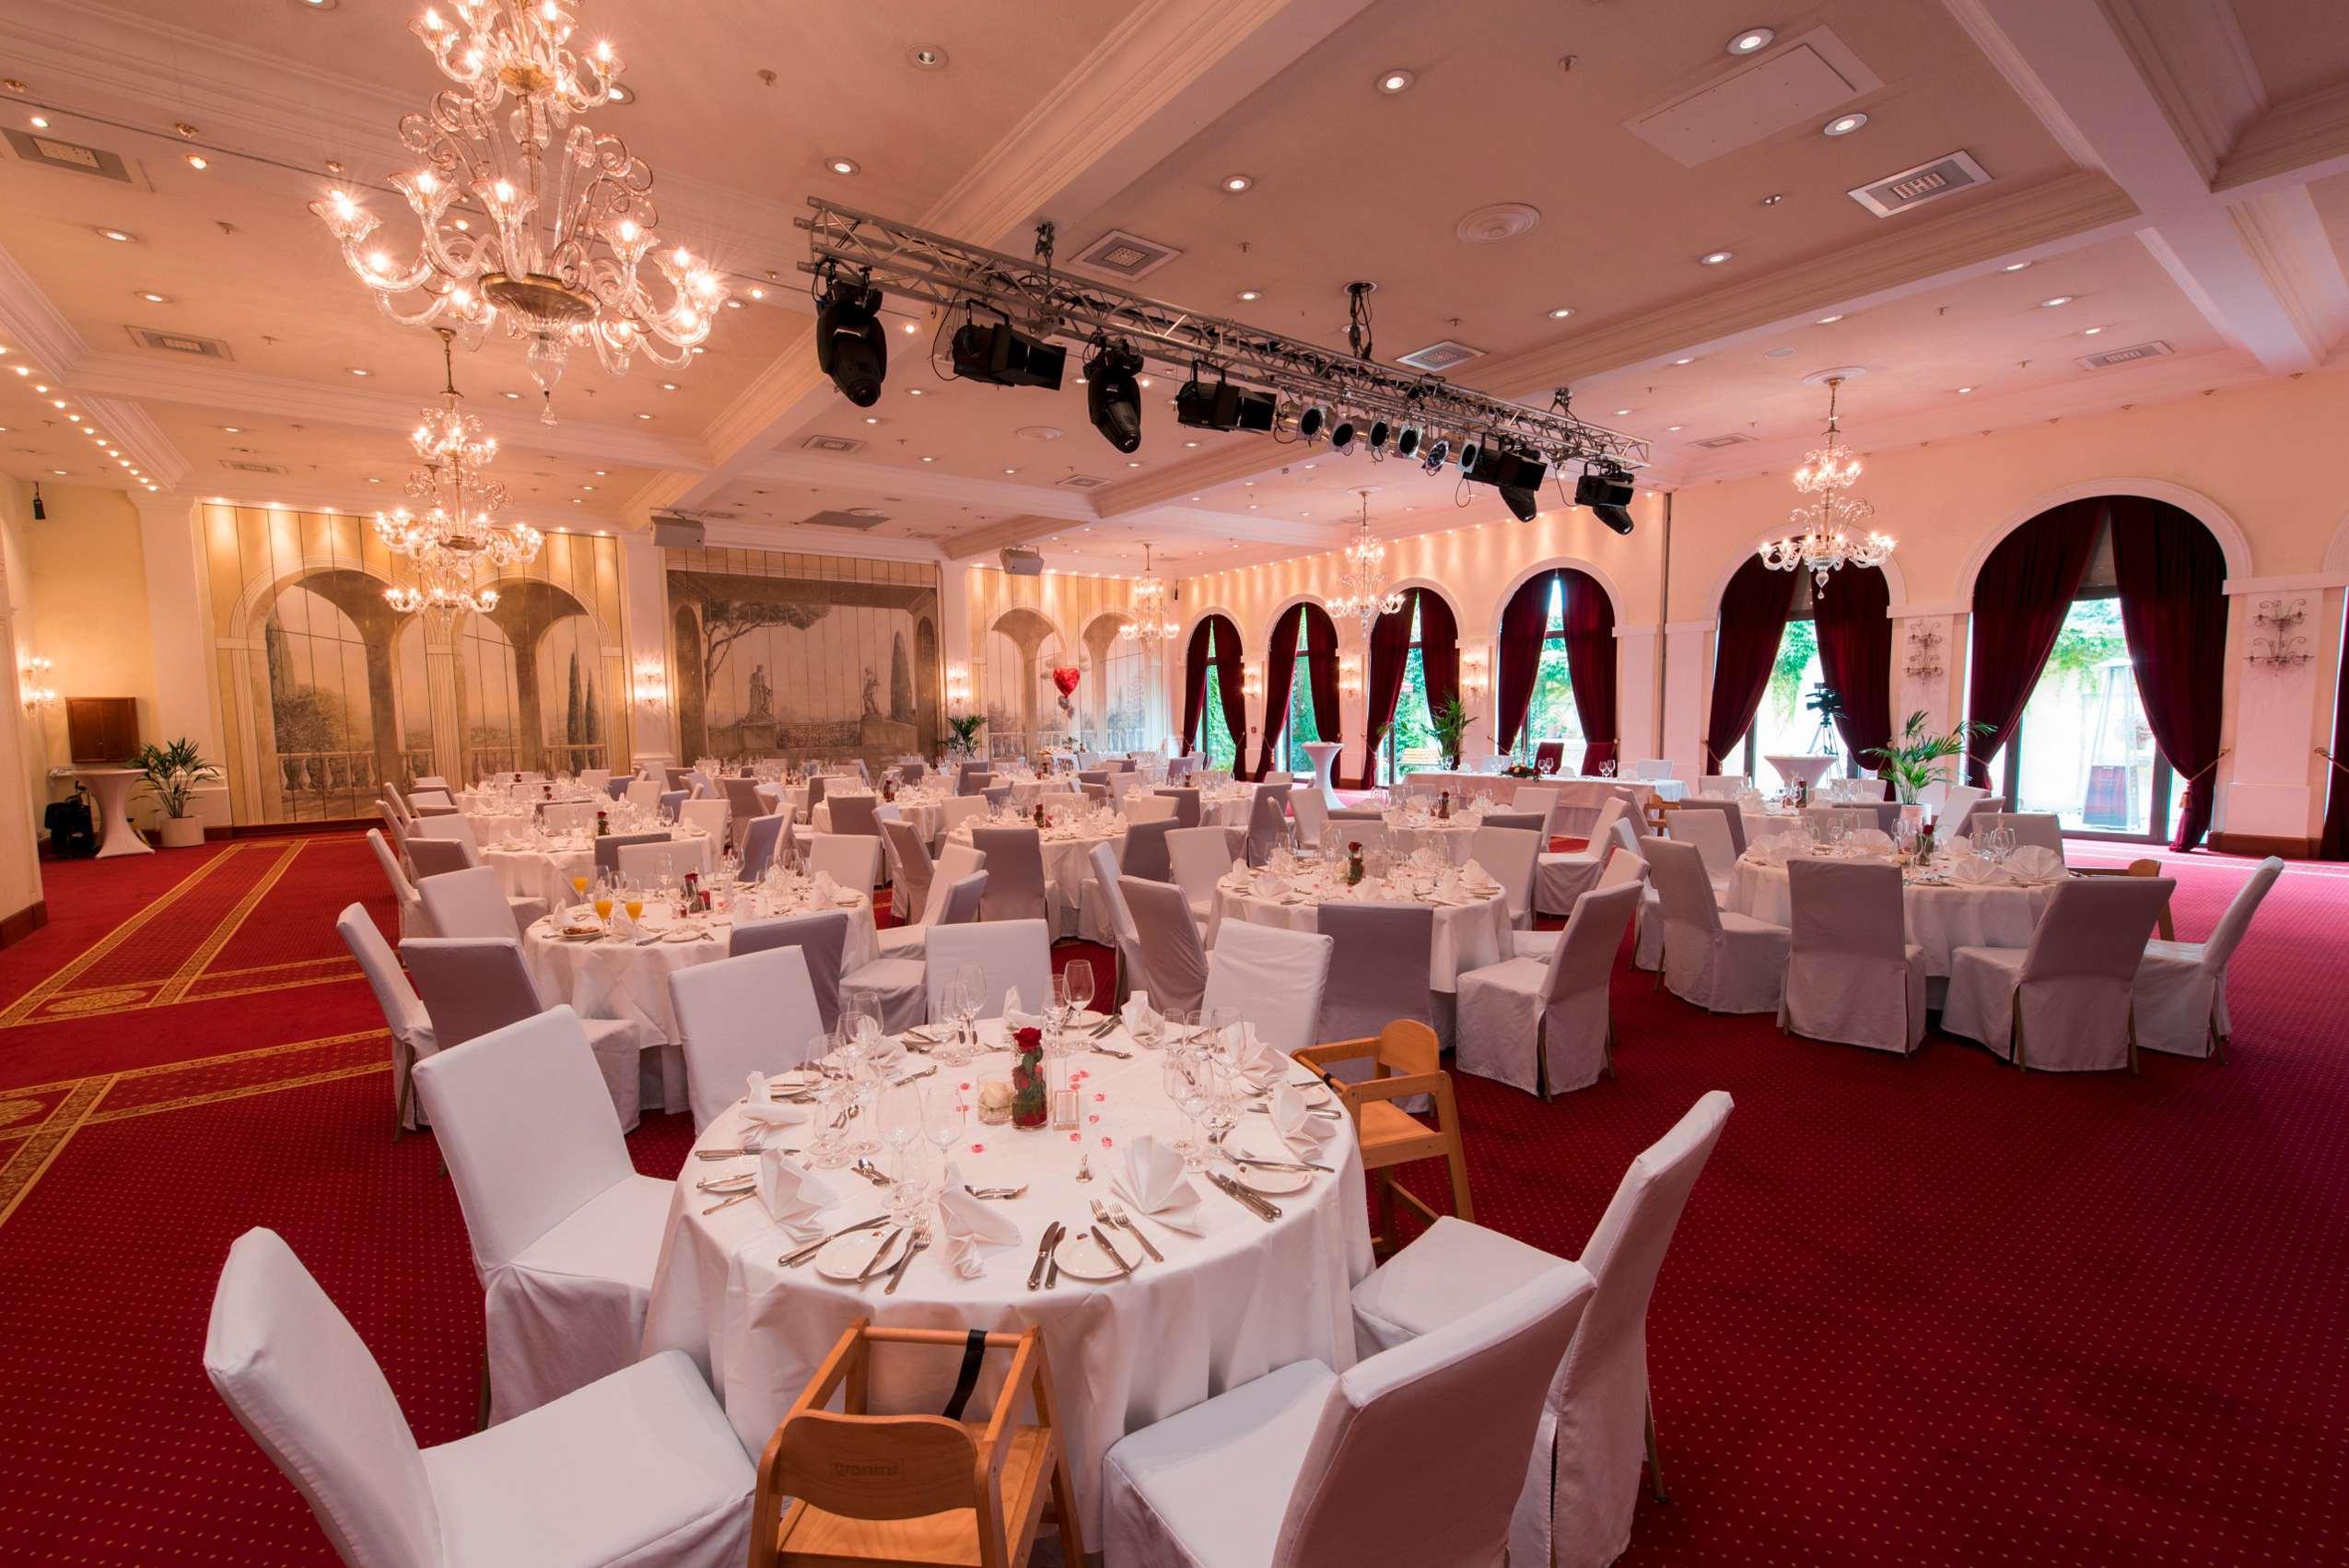 """Der Saal """"La Scala"""" im Hotel Colosseo mit pompösen Kronleuchtern, rotem Teppichboden und großen Bogenfenstern."""